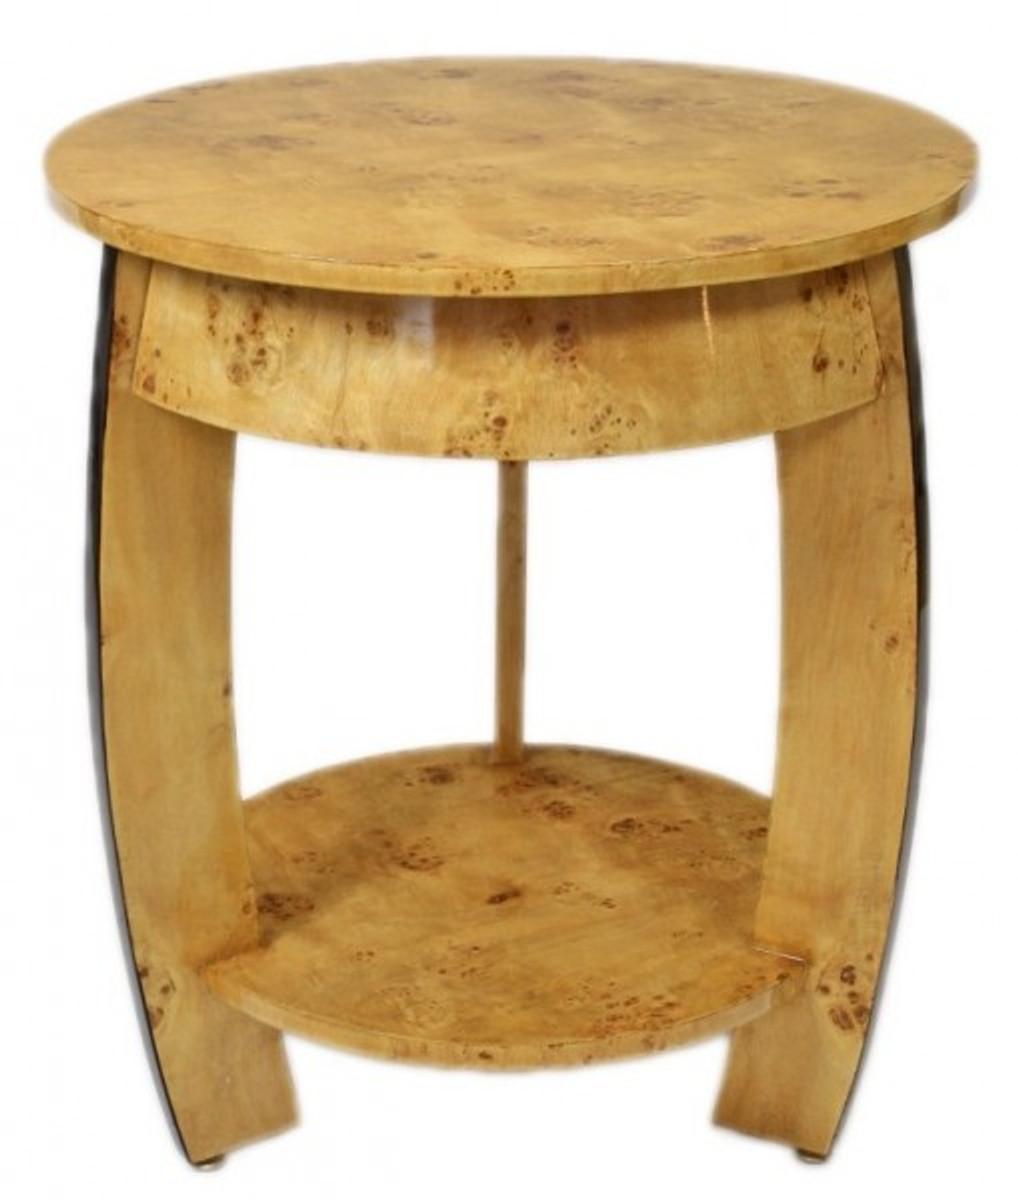 Entzuckend Casa Padrino Art Deco Beistelltisch Vogelaugen Ahorn H65 X 75cm   Ludwig  XVI Antik Stil Tisch   Möbel